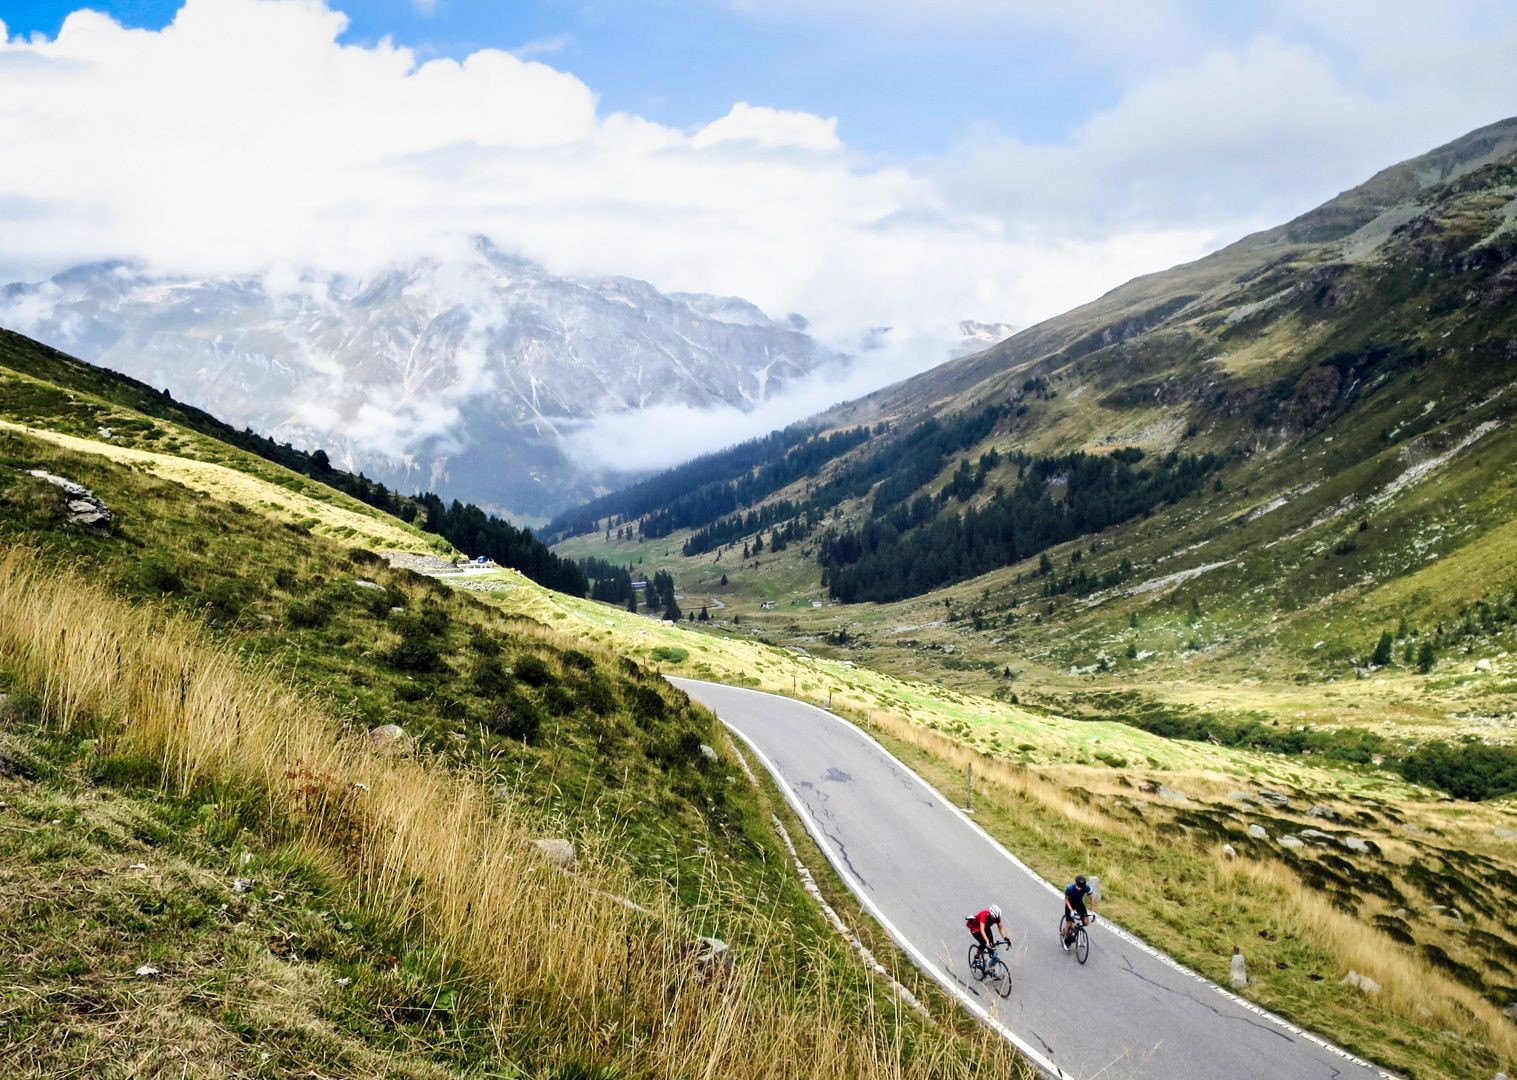 road-cycling-climbing-passo-di-spluga-italy.jpg - Italy - Raid Dolomiti - Guided Road Cycling Holiday - Road Cycling